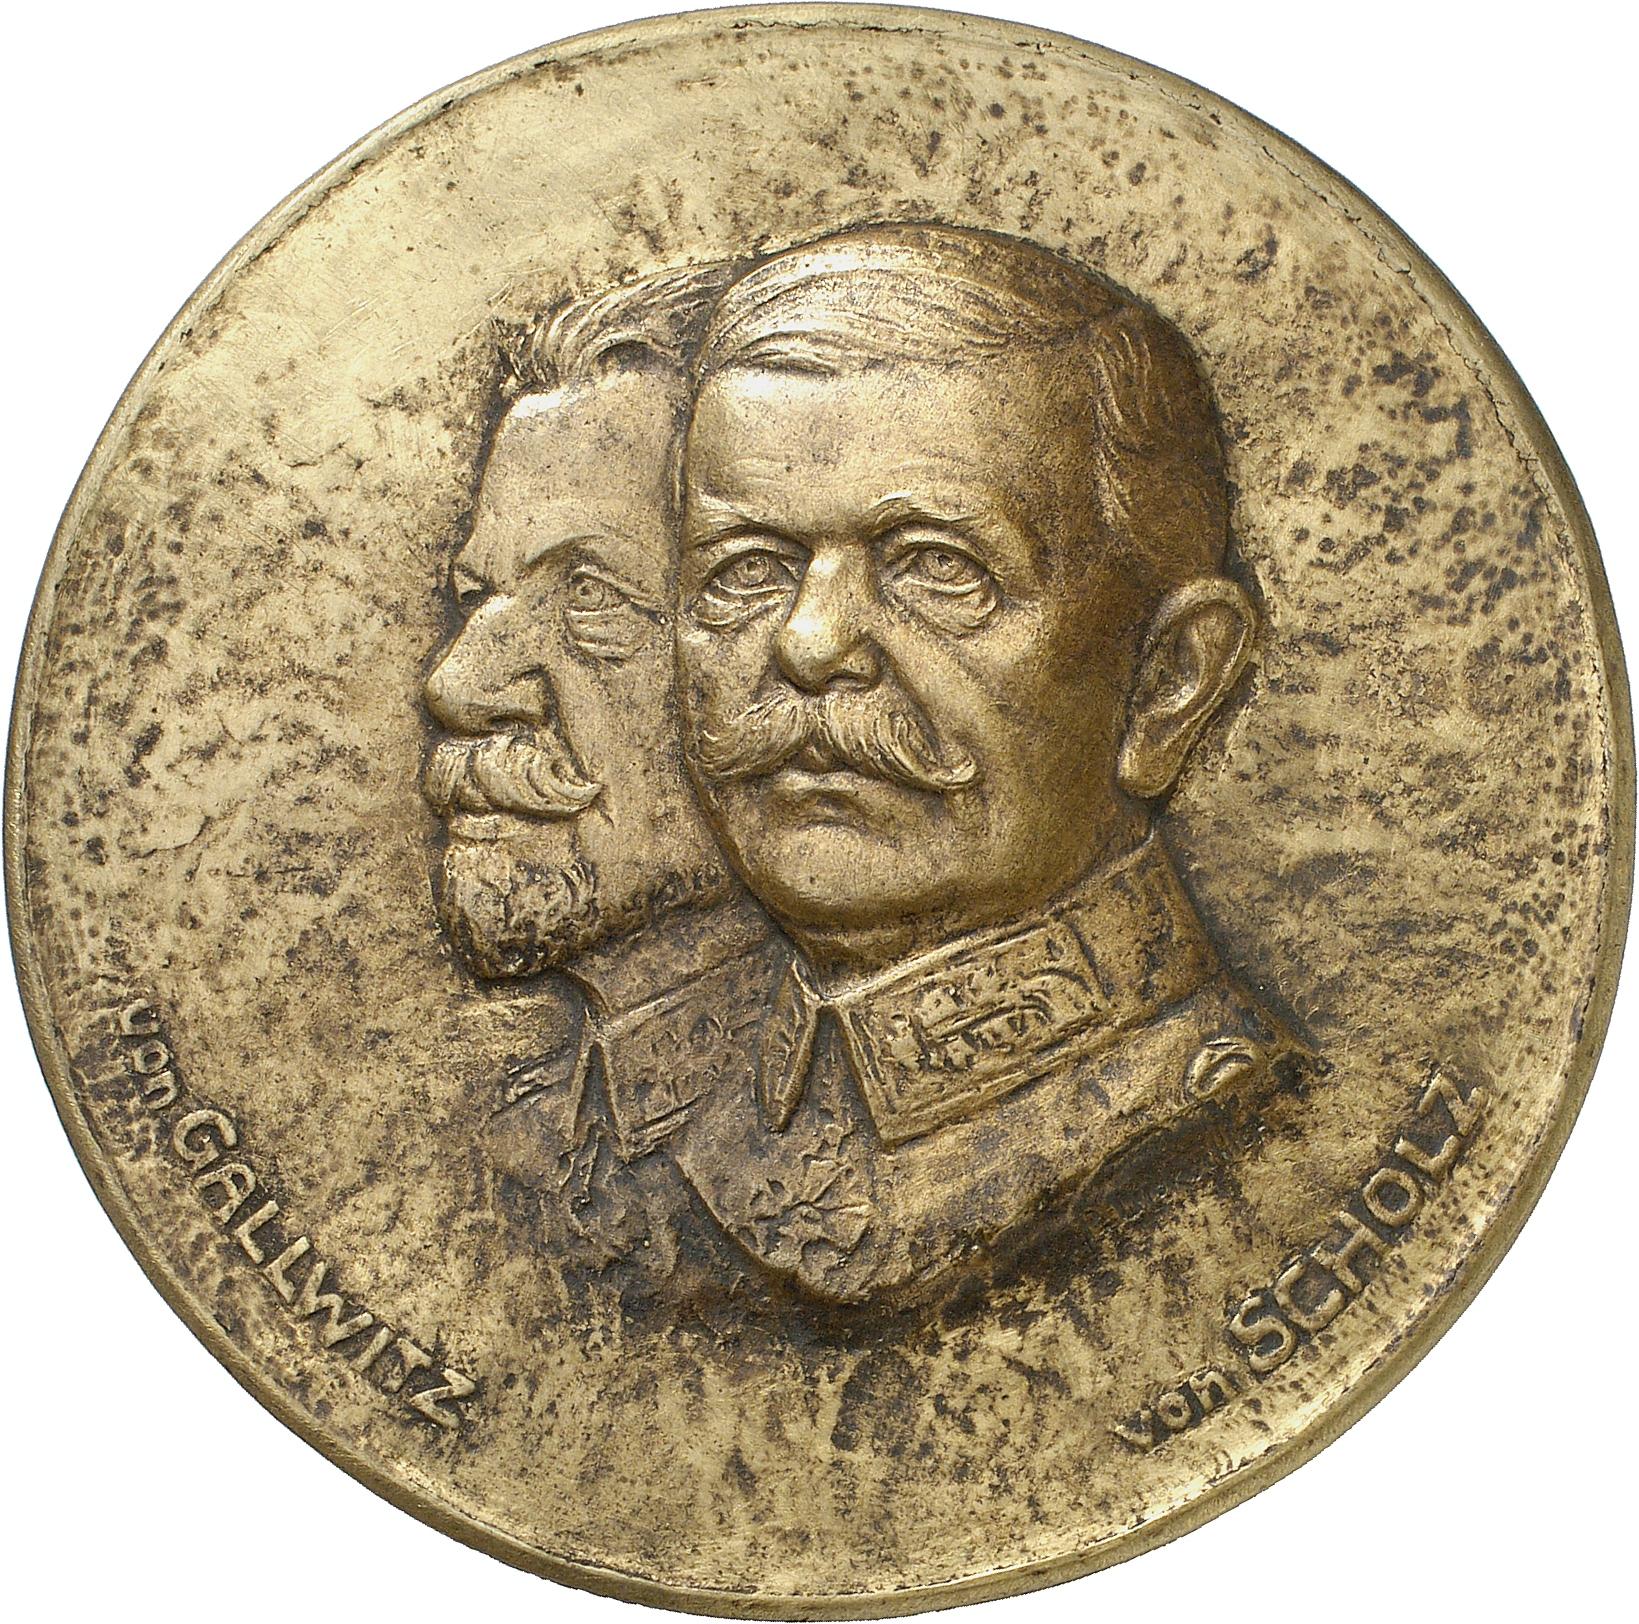 Leibküchler, Paul: General Max von Gallwitz und Friedrich von Scholtz